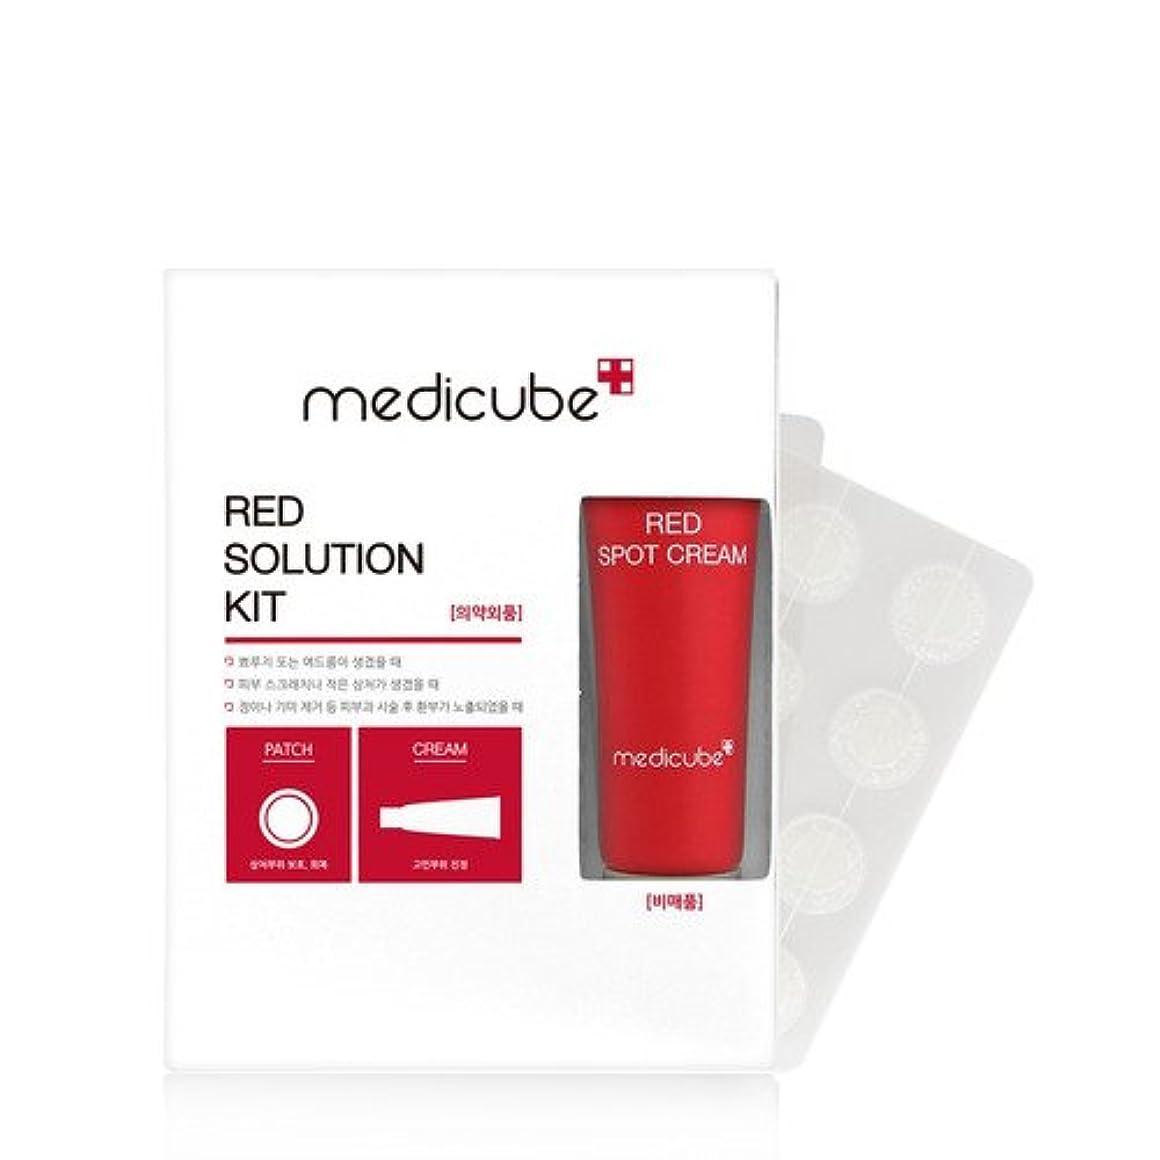 間違えたペルメルセグメント[Medicube]Red Solution Kit(Clear spot patch) 12mm x 2 / メディキューブレッドソリューションキット 12mm x 24pcs / 正品?海外直送商品 [並行輸入品]